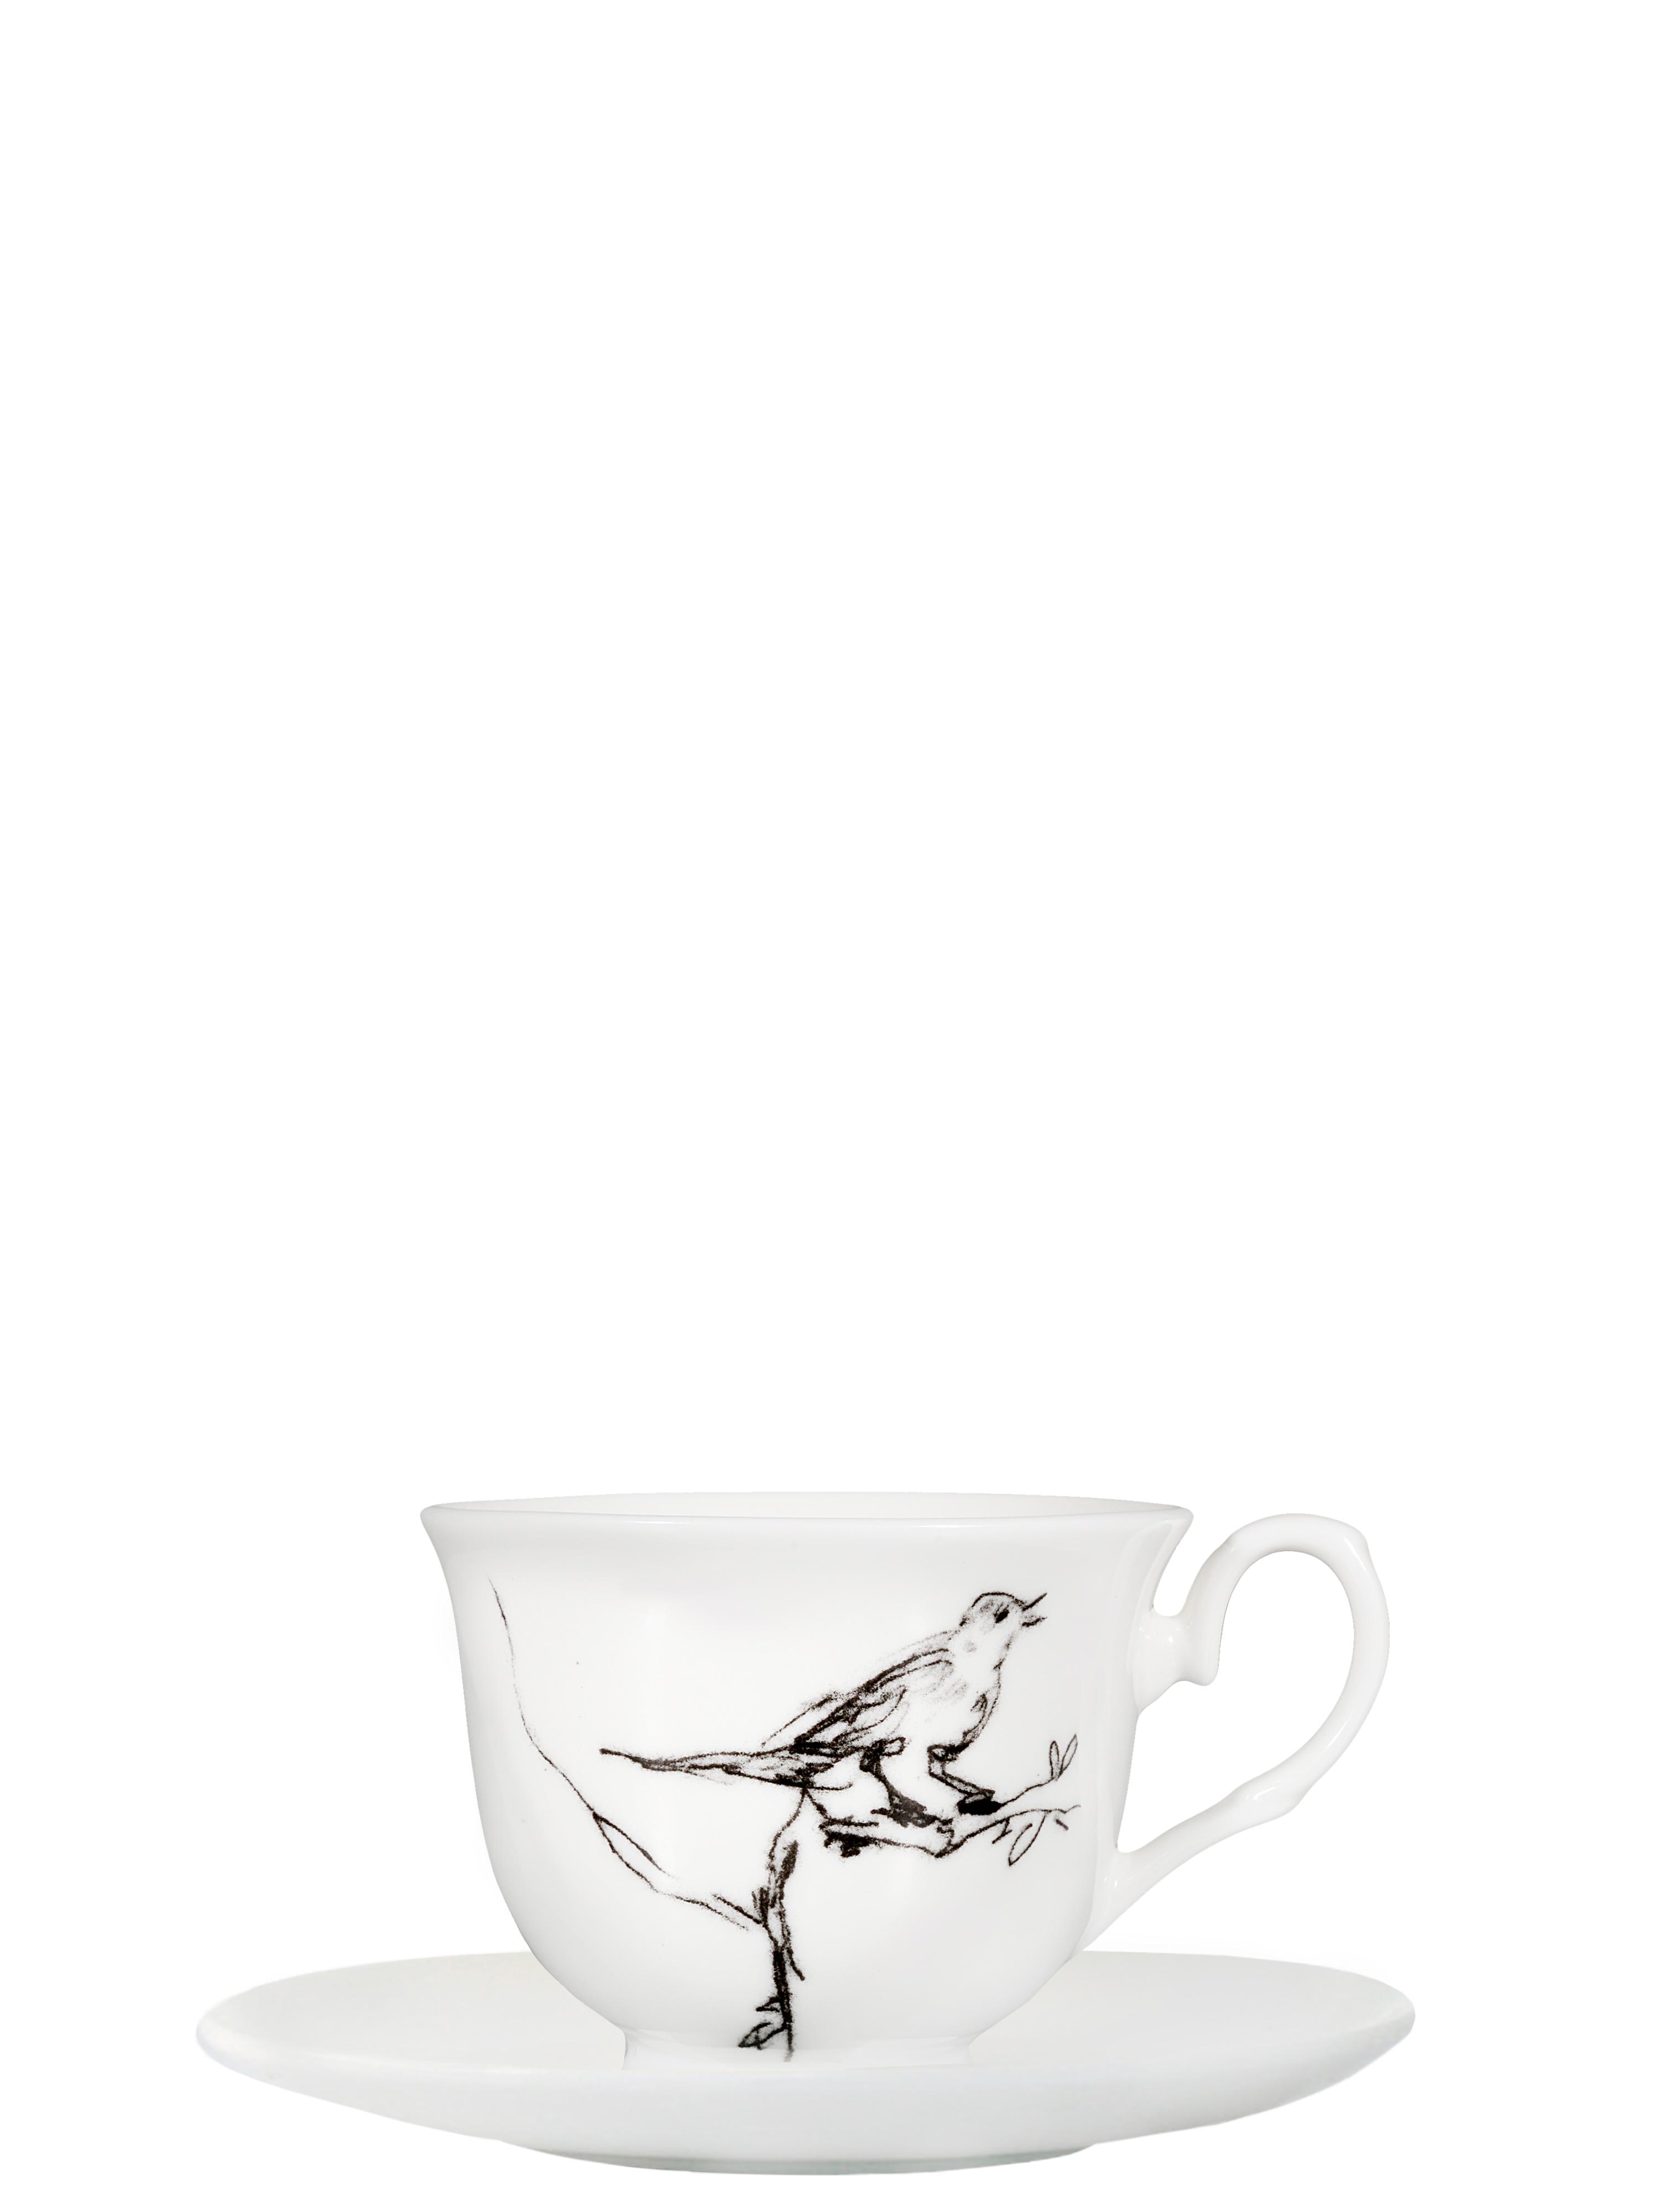 3000x4000 Tracey Emin Tea Cup And Saucer 10 Corso Como